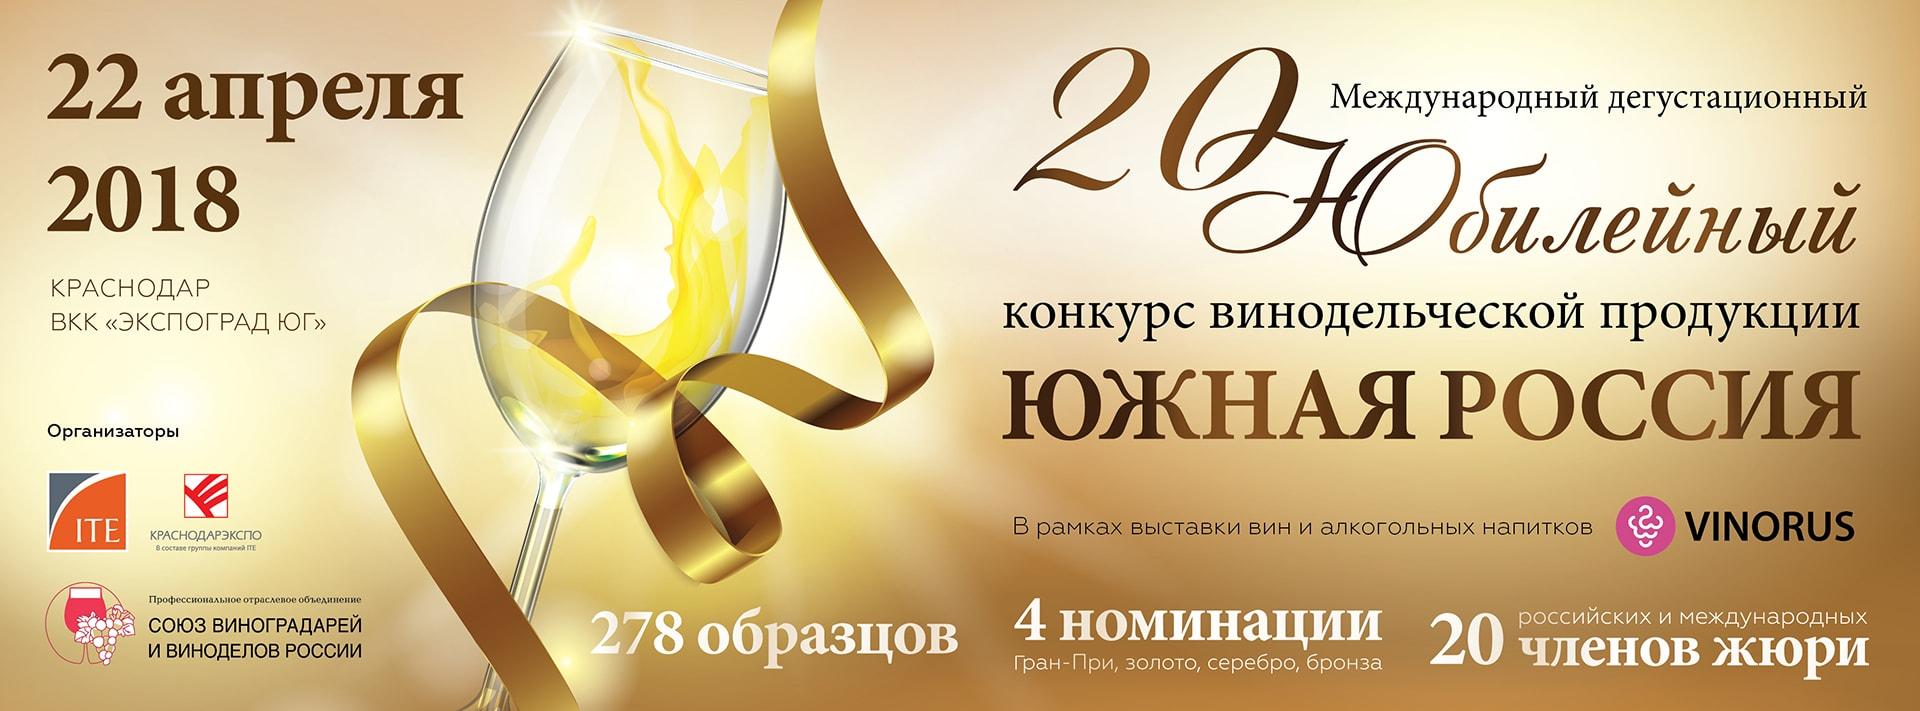 Кокур Нижегорский - известное в прошлом крымское вино